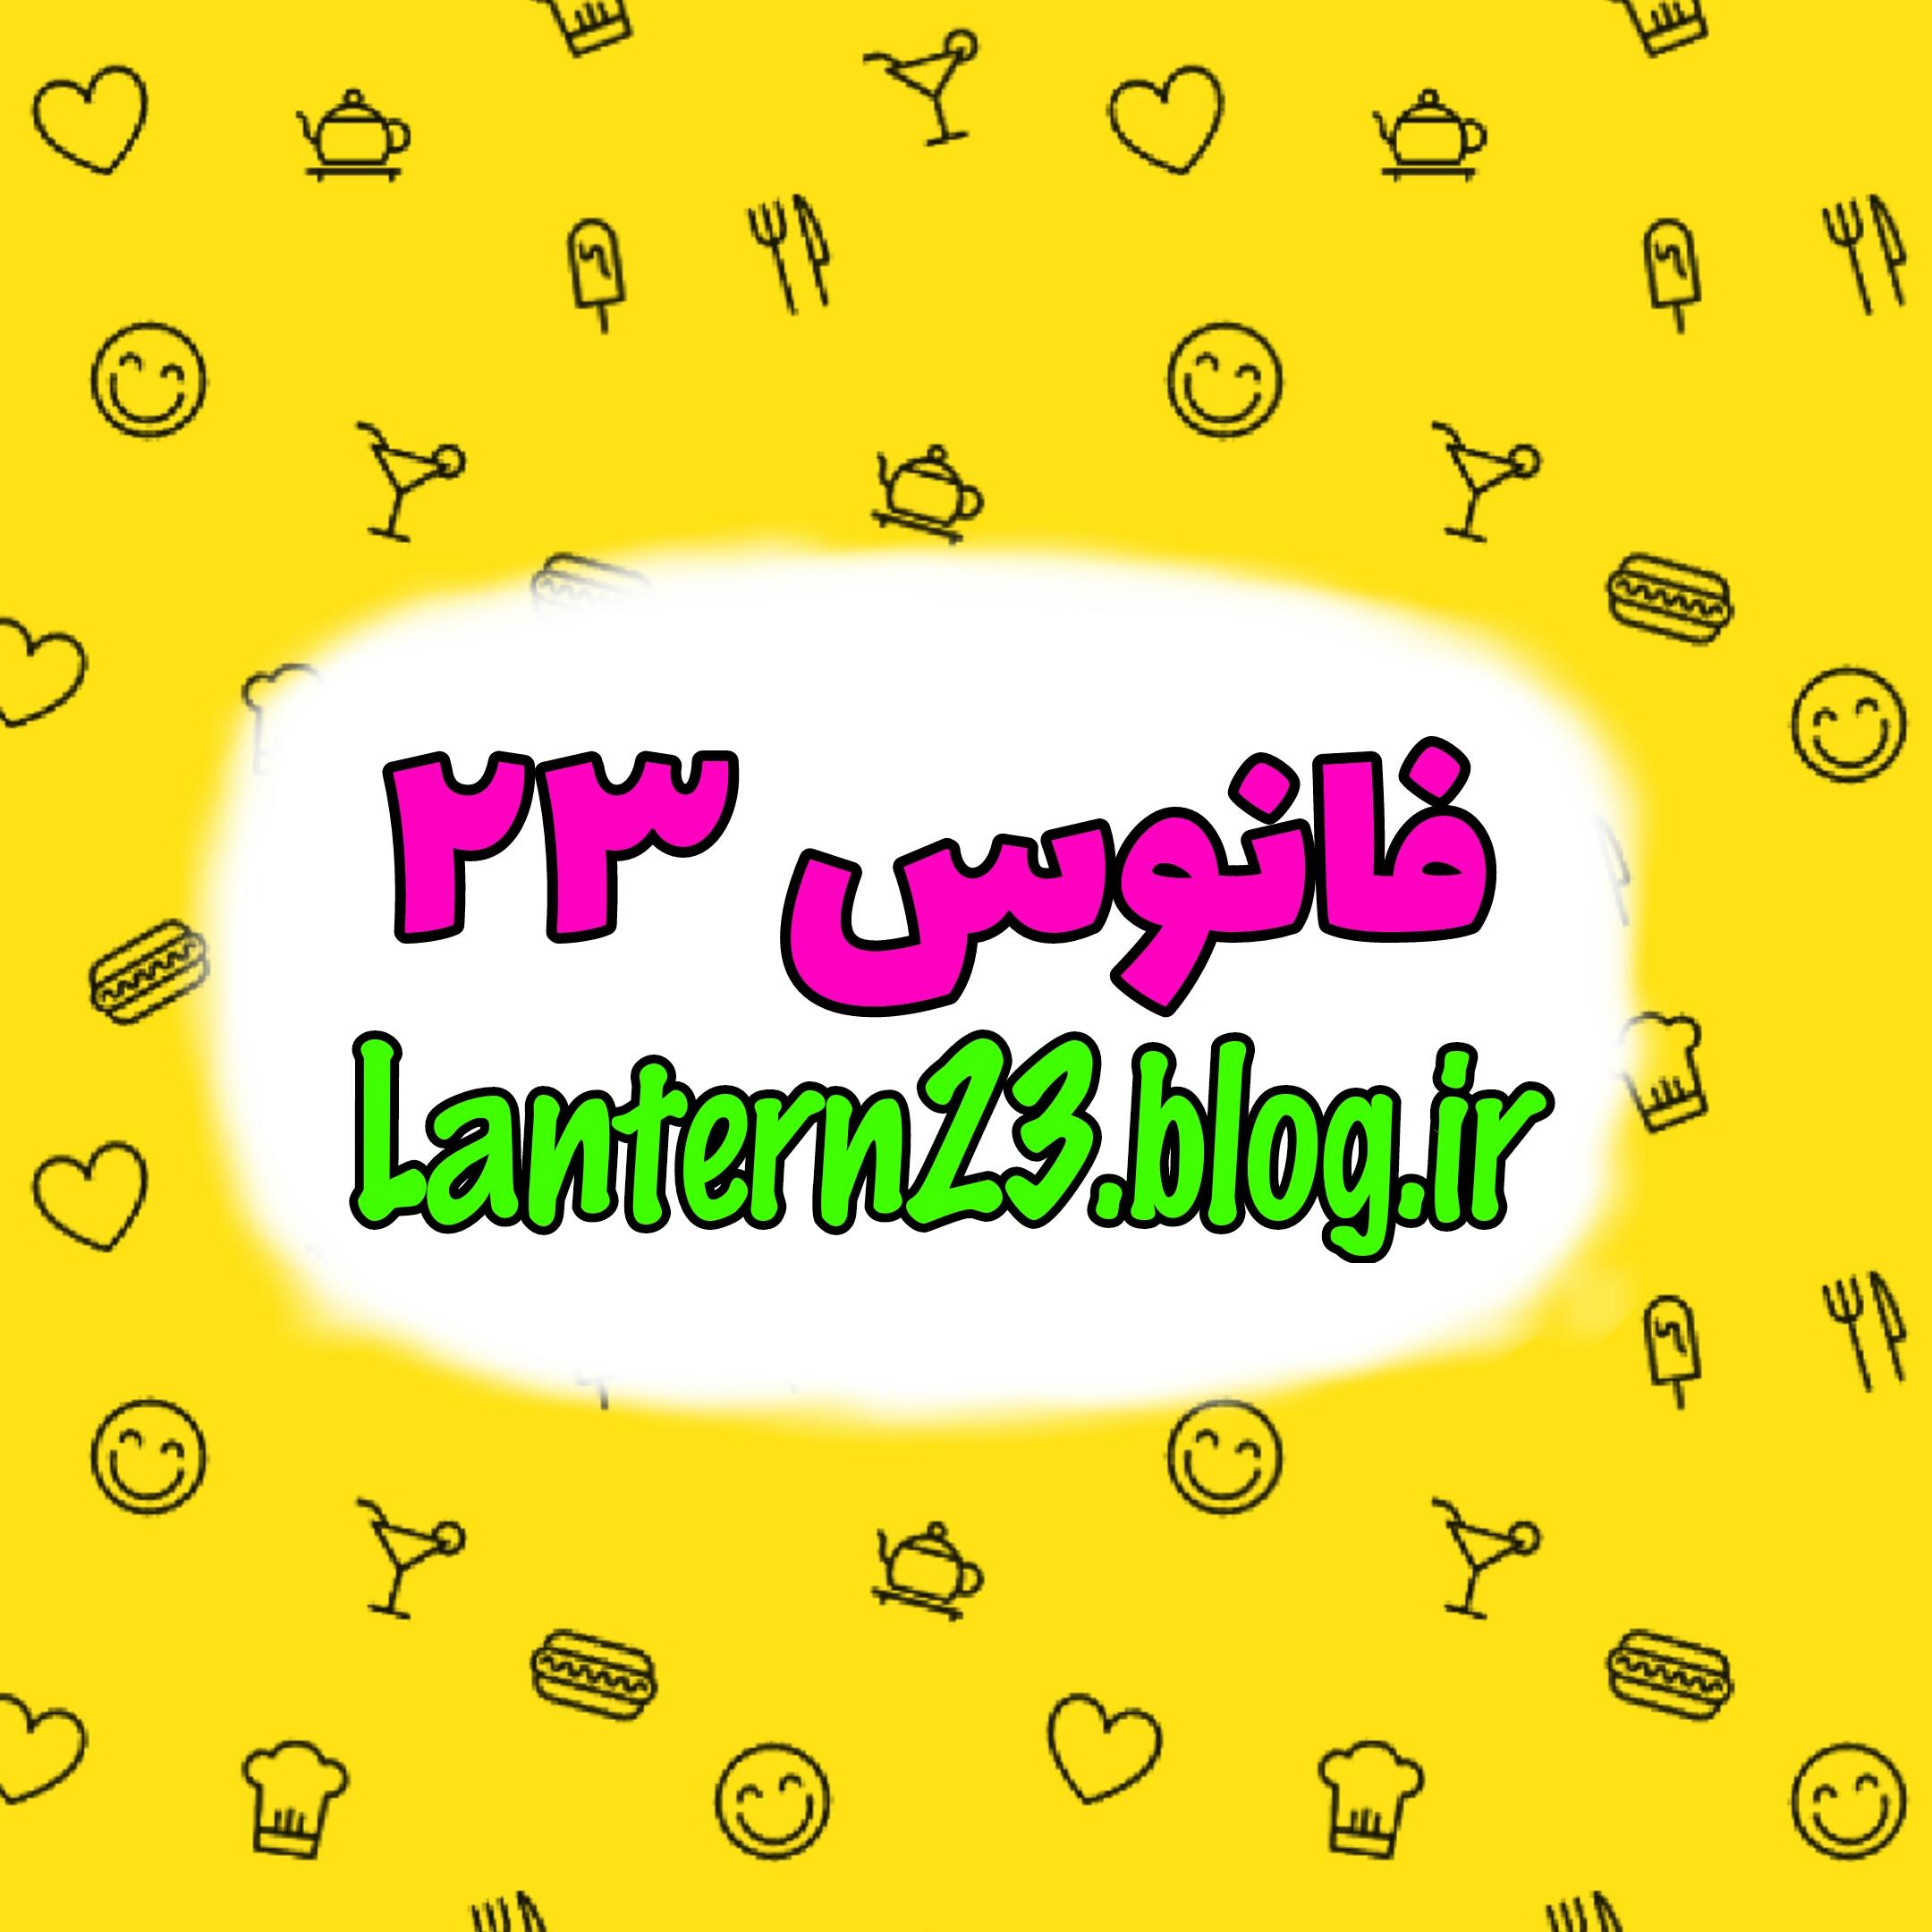 معرفی وبلاگ فانوس23 (lantern23.blog.ir)